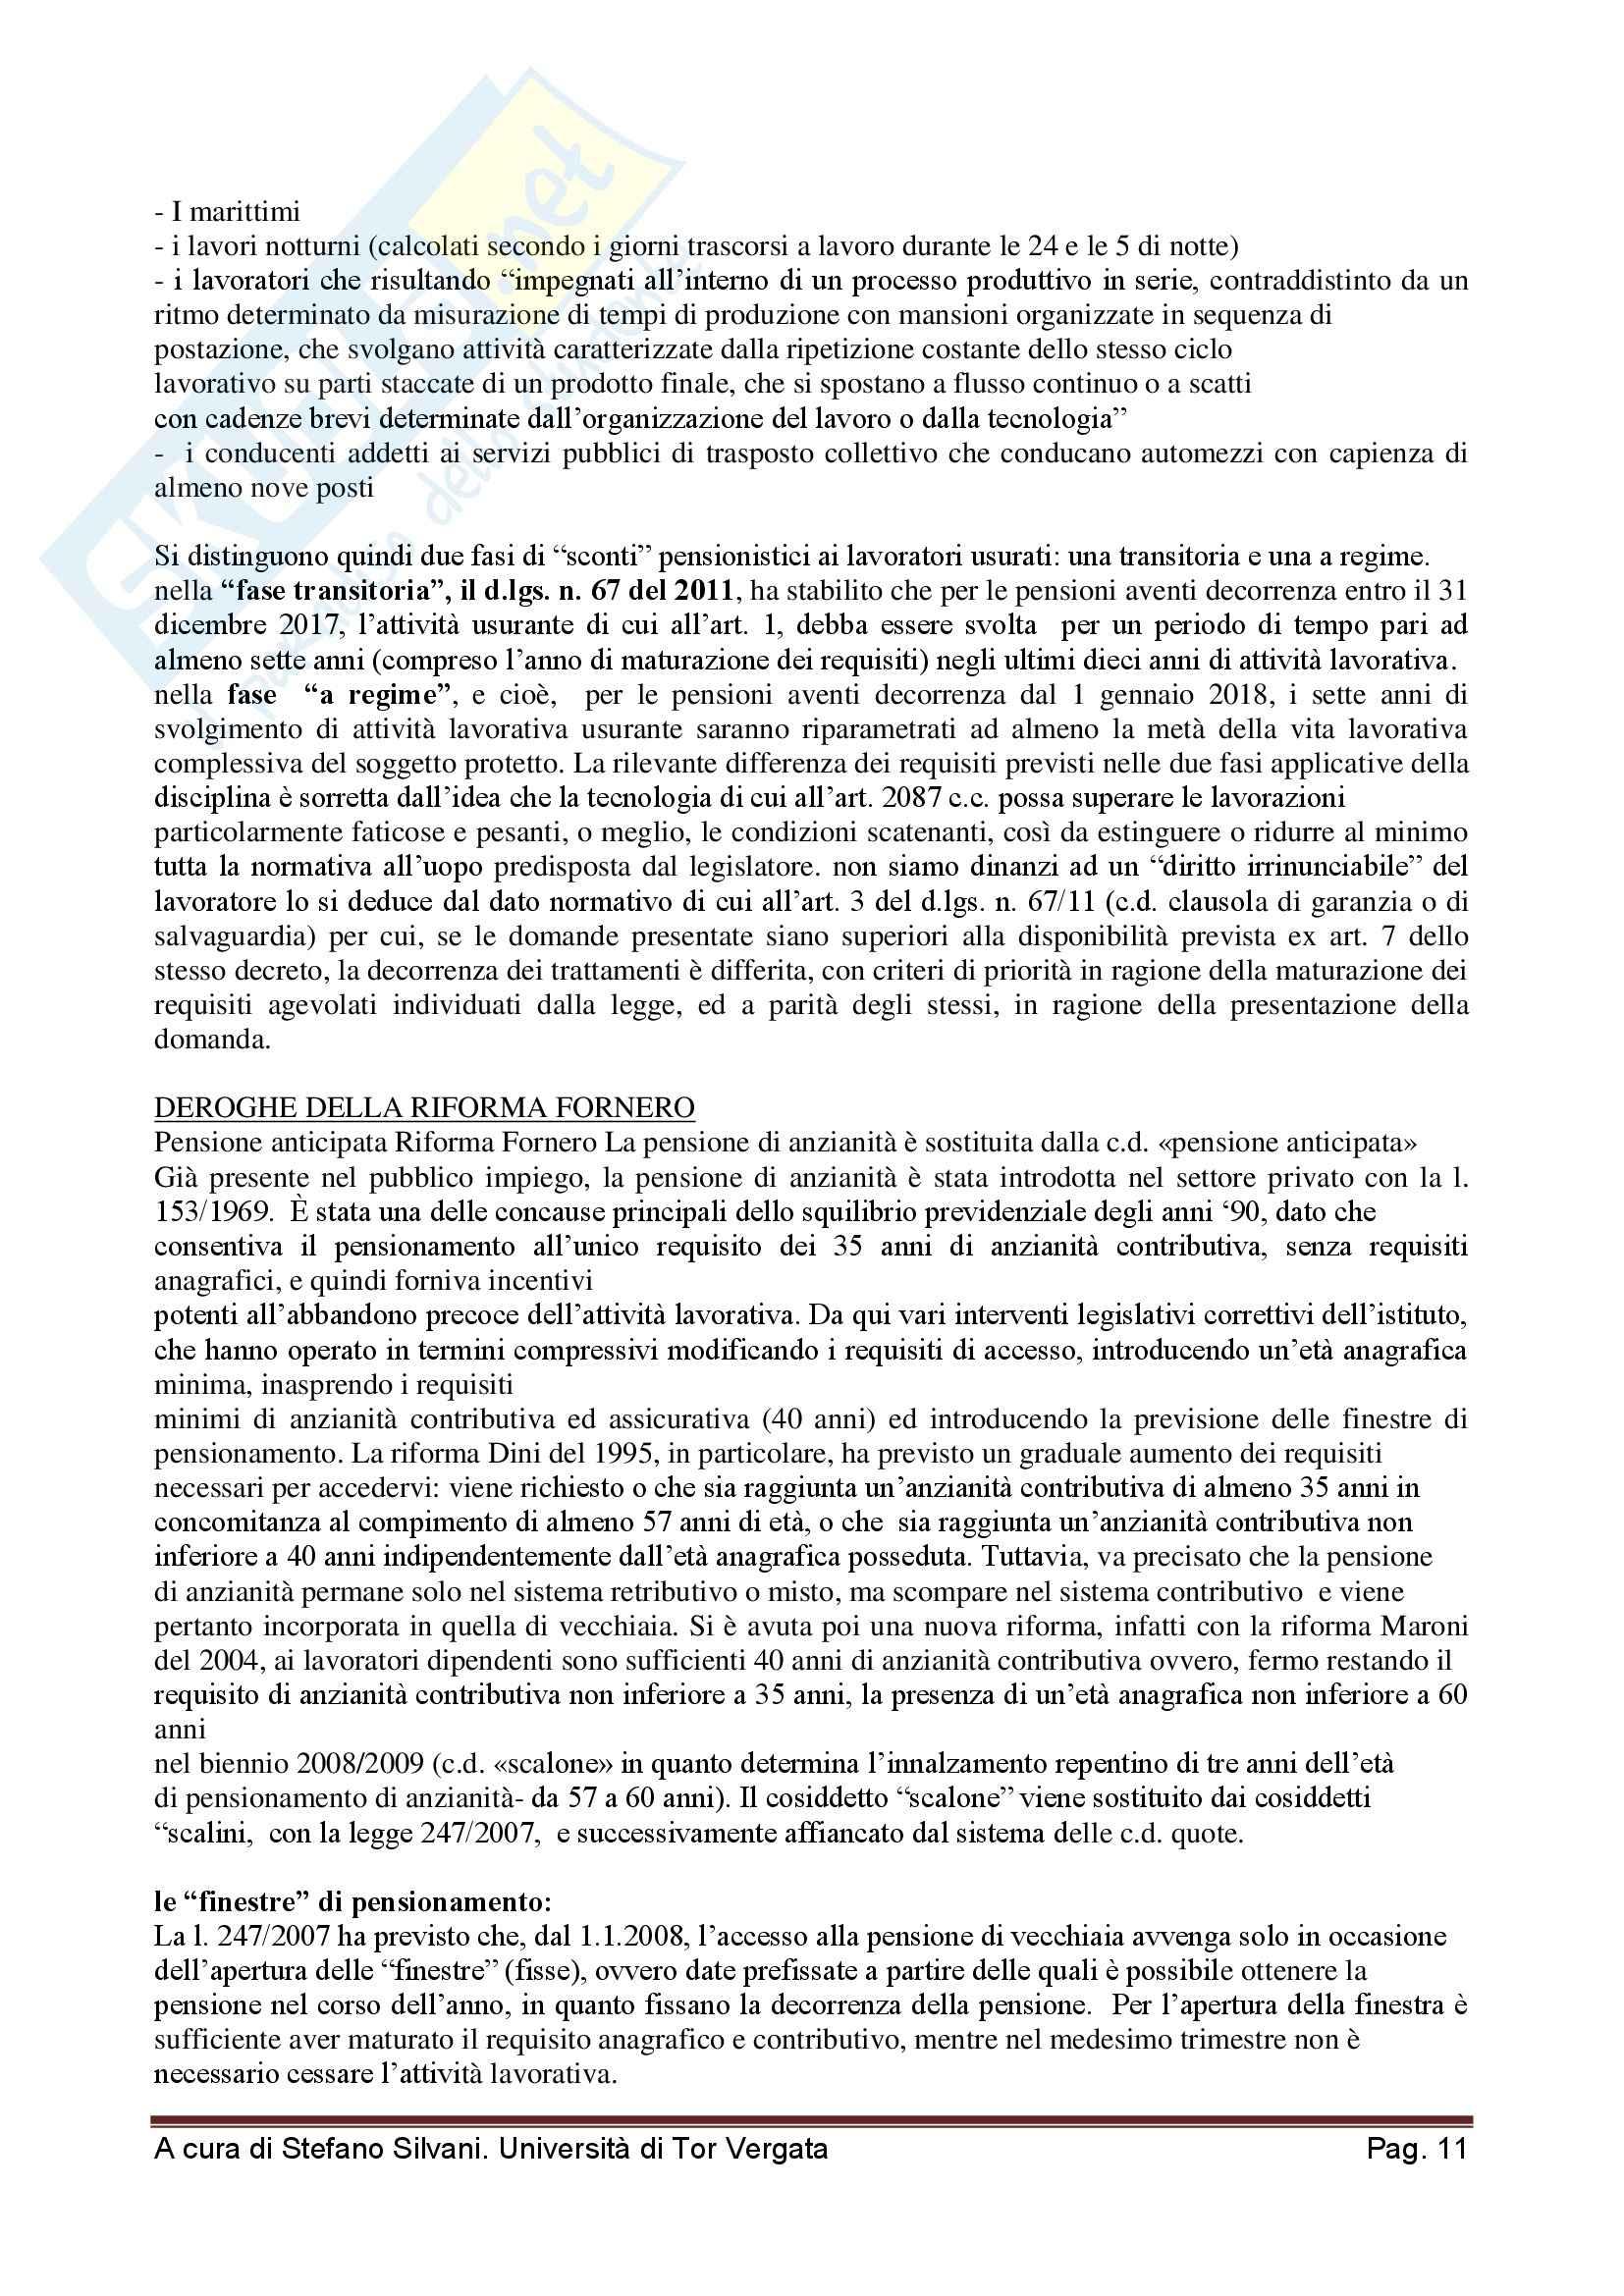 Sistema pensionistico della previdenza complementare e obbligatoria - Appunti Pag. 11